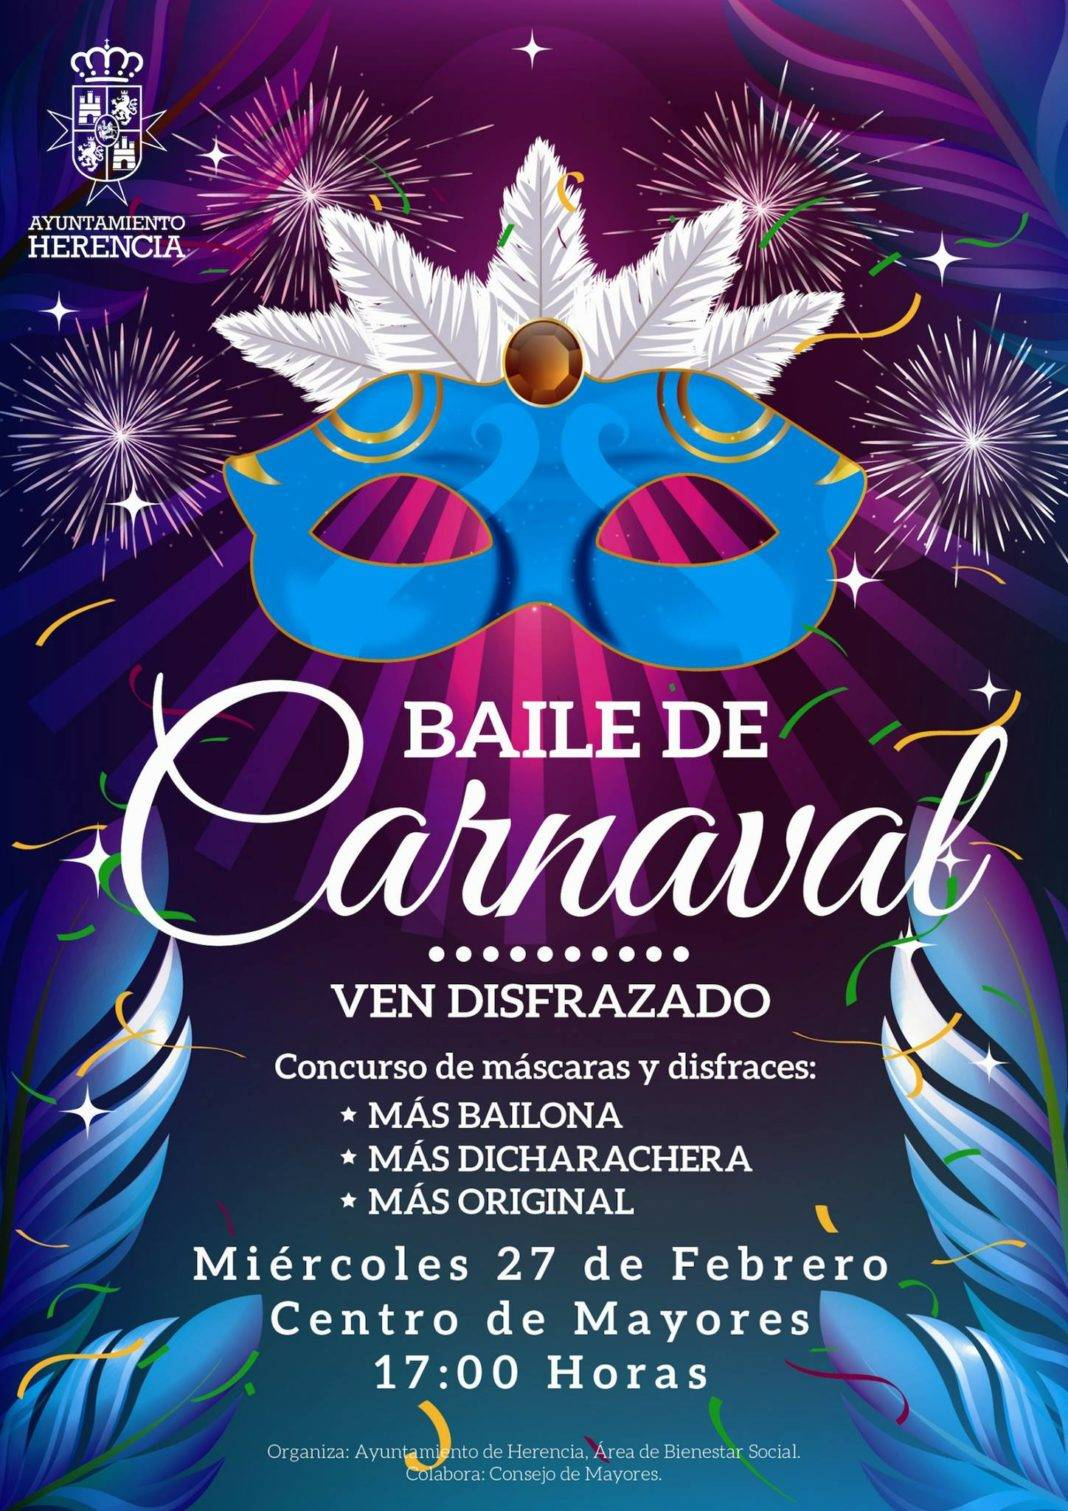 Baile de Carnaval en el Centro de Mayores de Herencia 4